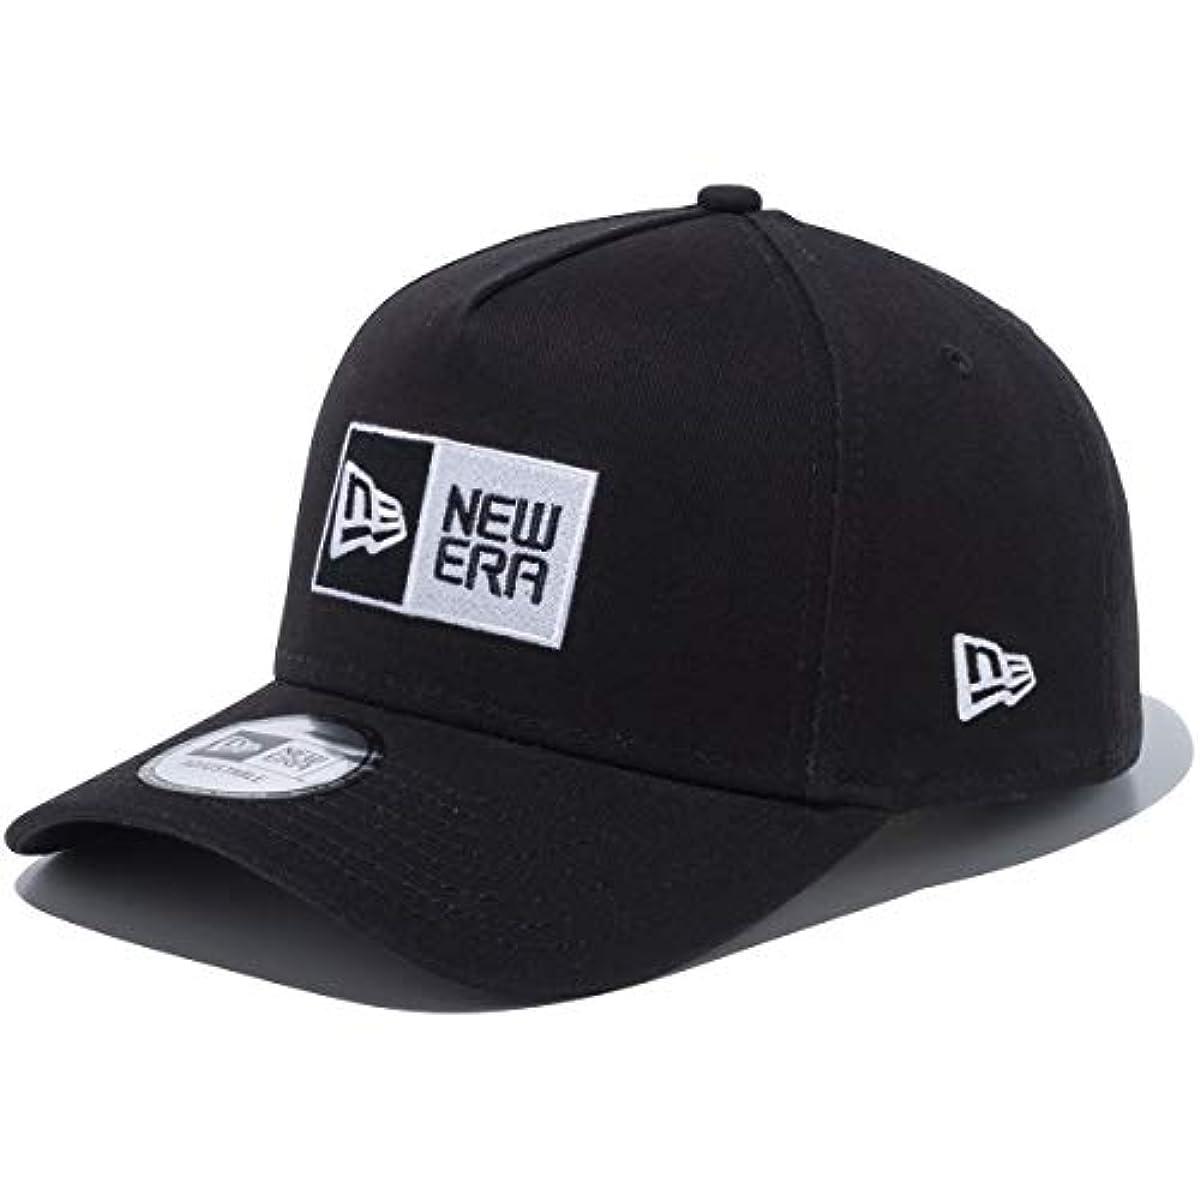 [해외] NEWERA(NEW ERA)NEWERA NEW ERA CAP 캡 박스 로고 9FORTY A-FRAME